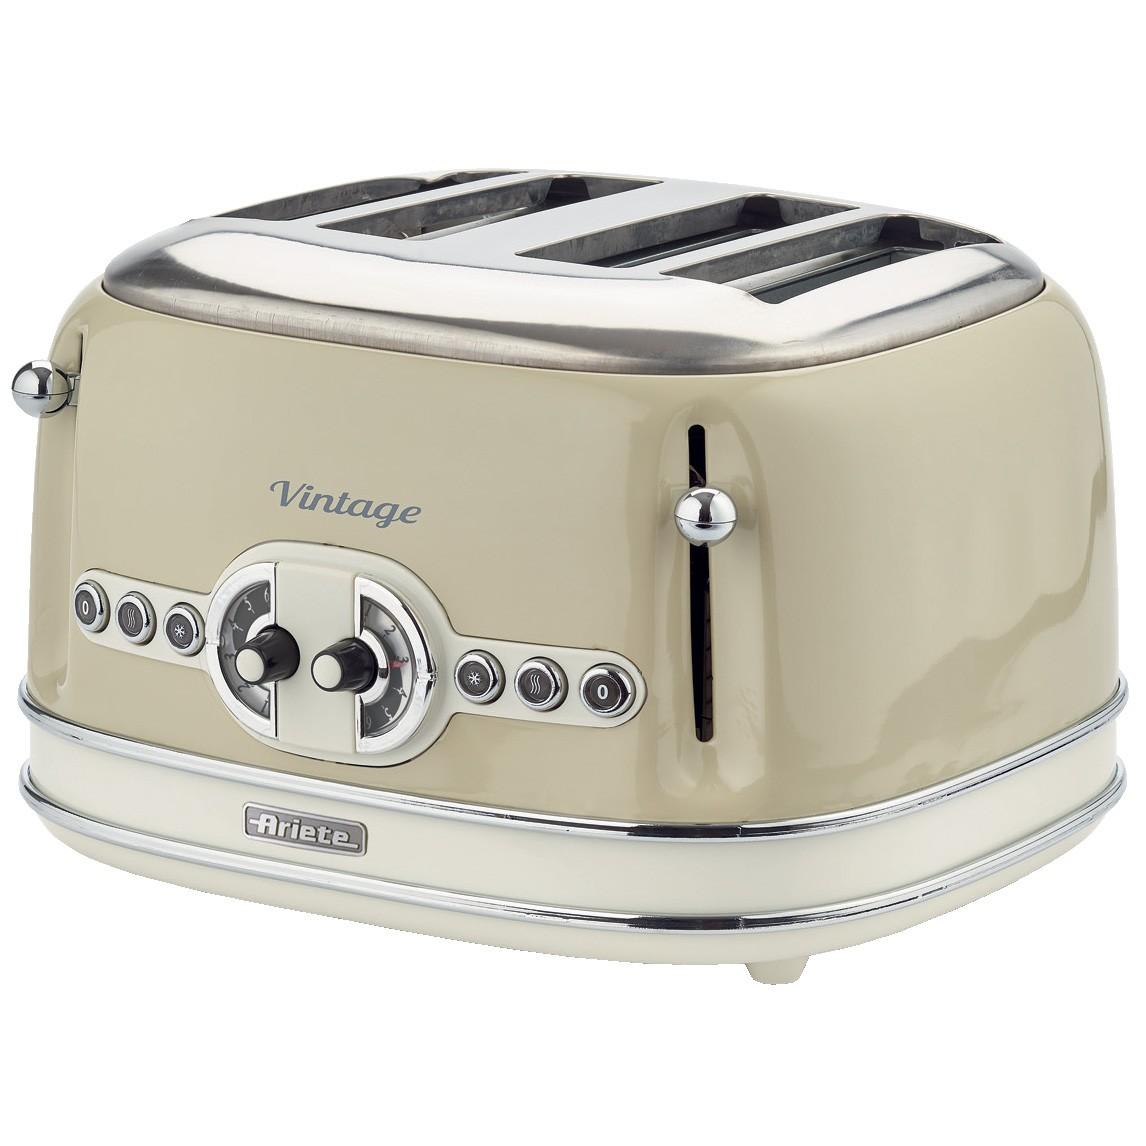 Тостер Ariete Vintage 156/03Тостеры и минипечи<br>Выполненный в стильном ретро-дизайне тостер 156 серии Vintage от итальянской компании Ariete — это производительный тостер мощностью 1600 Вт. Особенностью рассматриваемой модели является возможность одновременного поджаривания четырех ломтиков хлеба, при этом степень прожарки регулируется по схеме 2 х 2.<br><br>Вы сможете выбрать 1 из 6 уровней прожарки, и заручитесь поддержкой функции разморозки или подогрева ранее зажаренного тоста. Система центрирования и автоматический выброс хлебцев позволят ежедневно наслаждаться ароматными и хрустящими ломтиками,...<br><br>Тип: тостер<br>Мощность, Вт.: 1600<br>Тип управления: Механическое<br>Количество отделений: 4<br>Количество тостов: 4